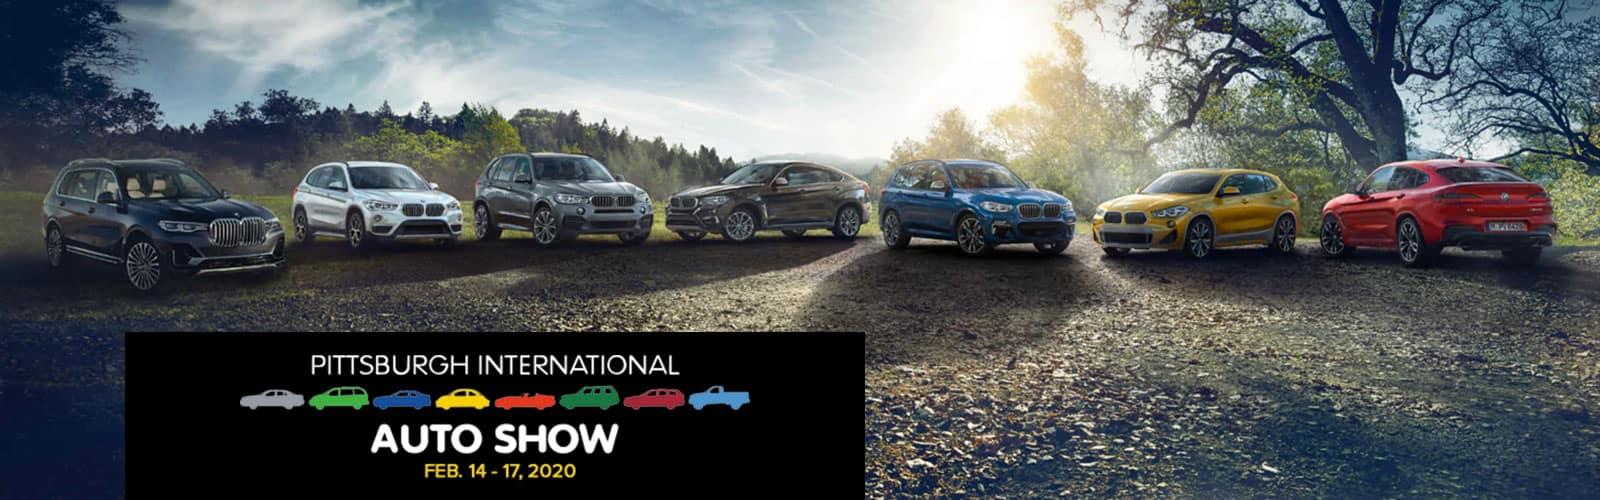 Auto Show Bonus Cash - Sewickley BMW